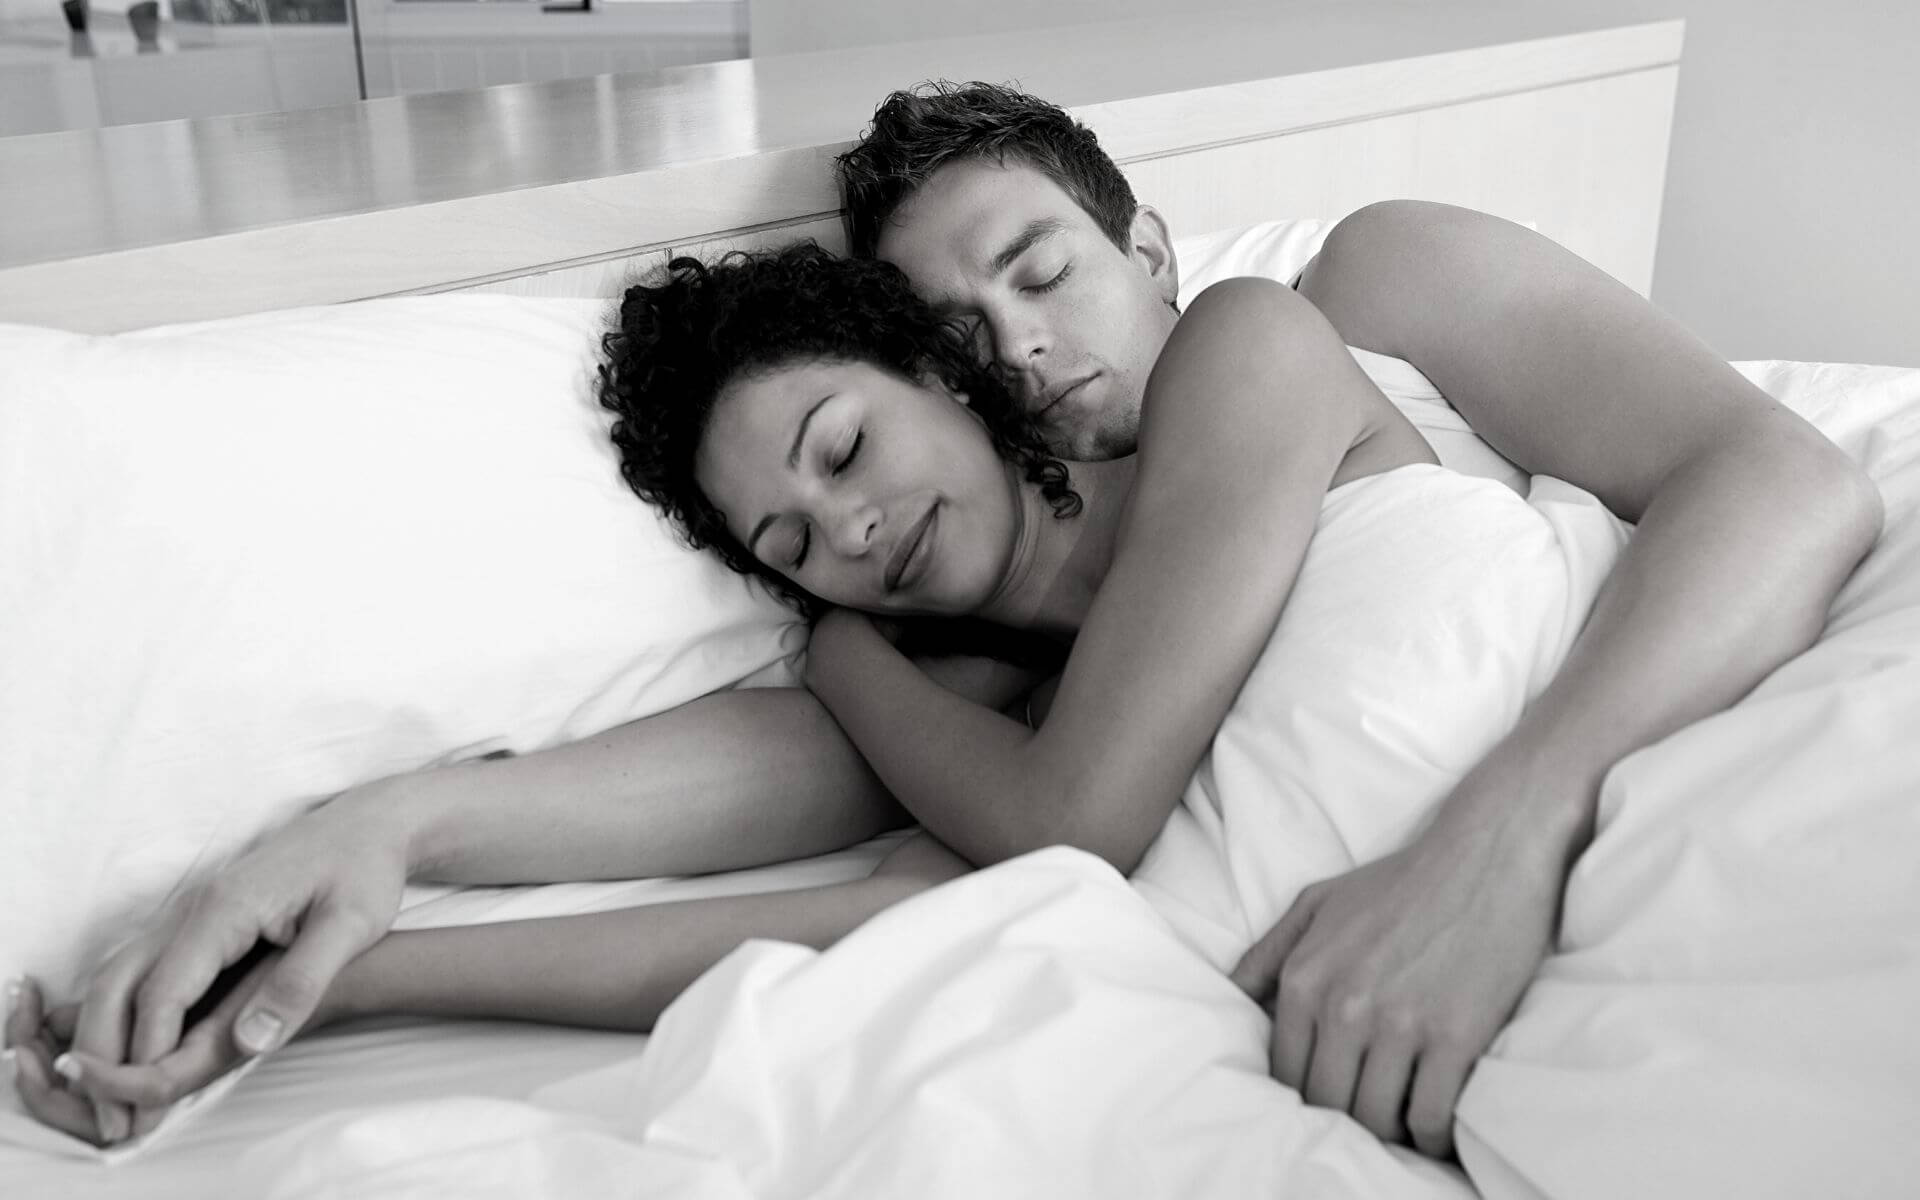 5 wunderbare Ideen für Gute-Nacht-Nachrichten, die du deinem Kerl schicken kannst